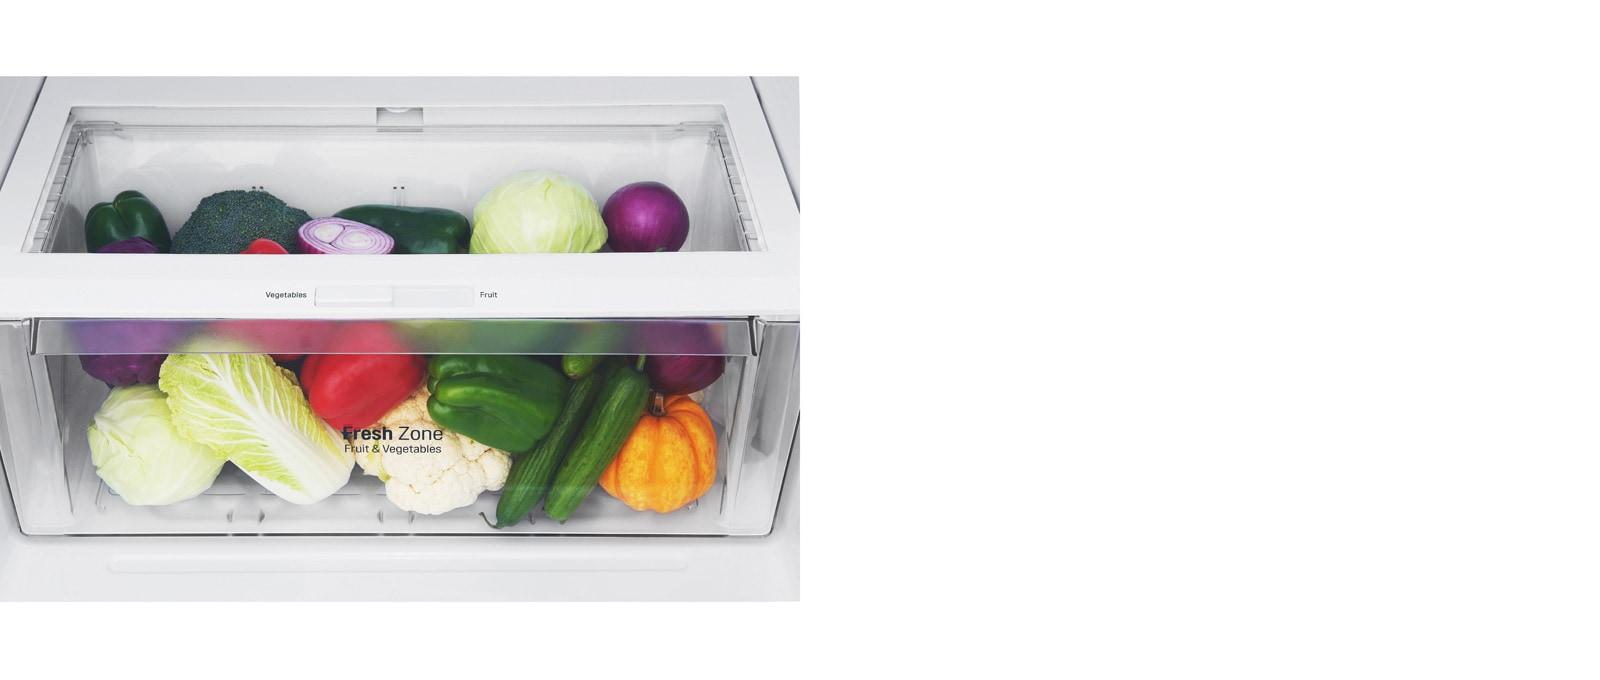 Frutas y verduras más frescas por más tiempo1